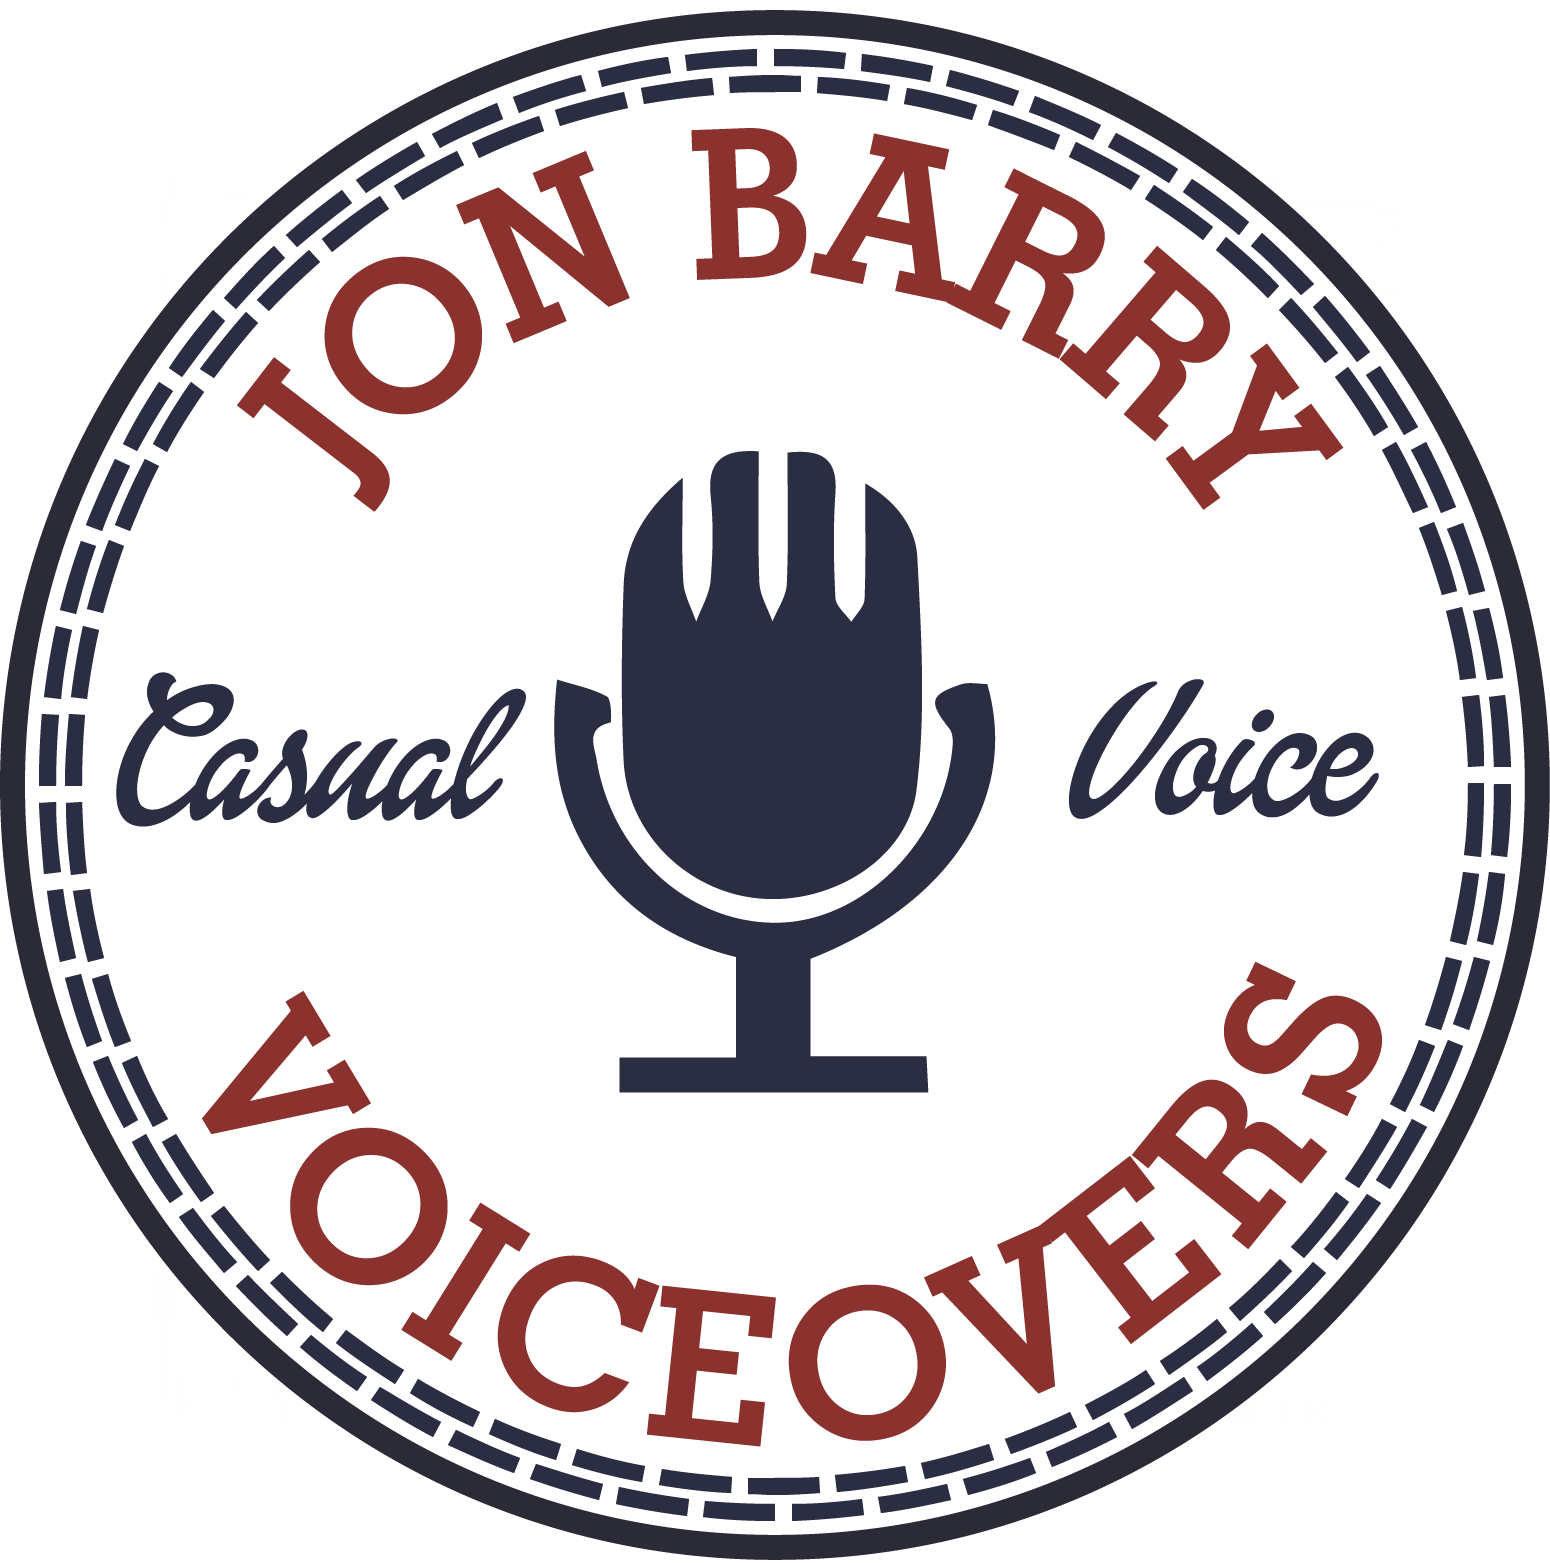 Jon Barry Voiceovers